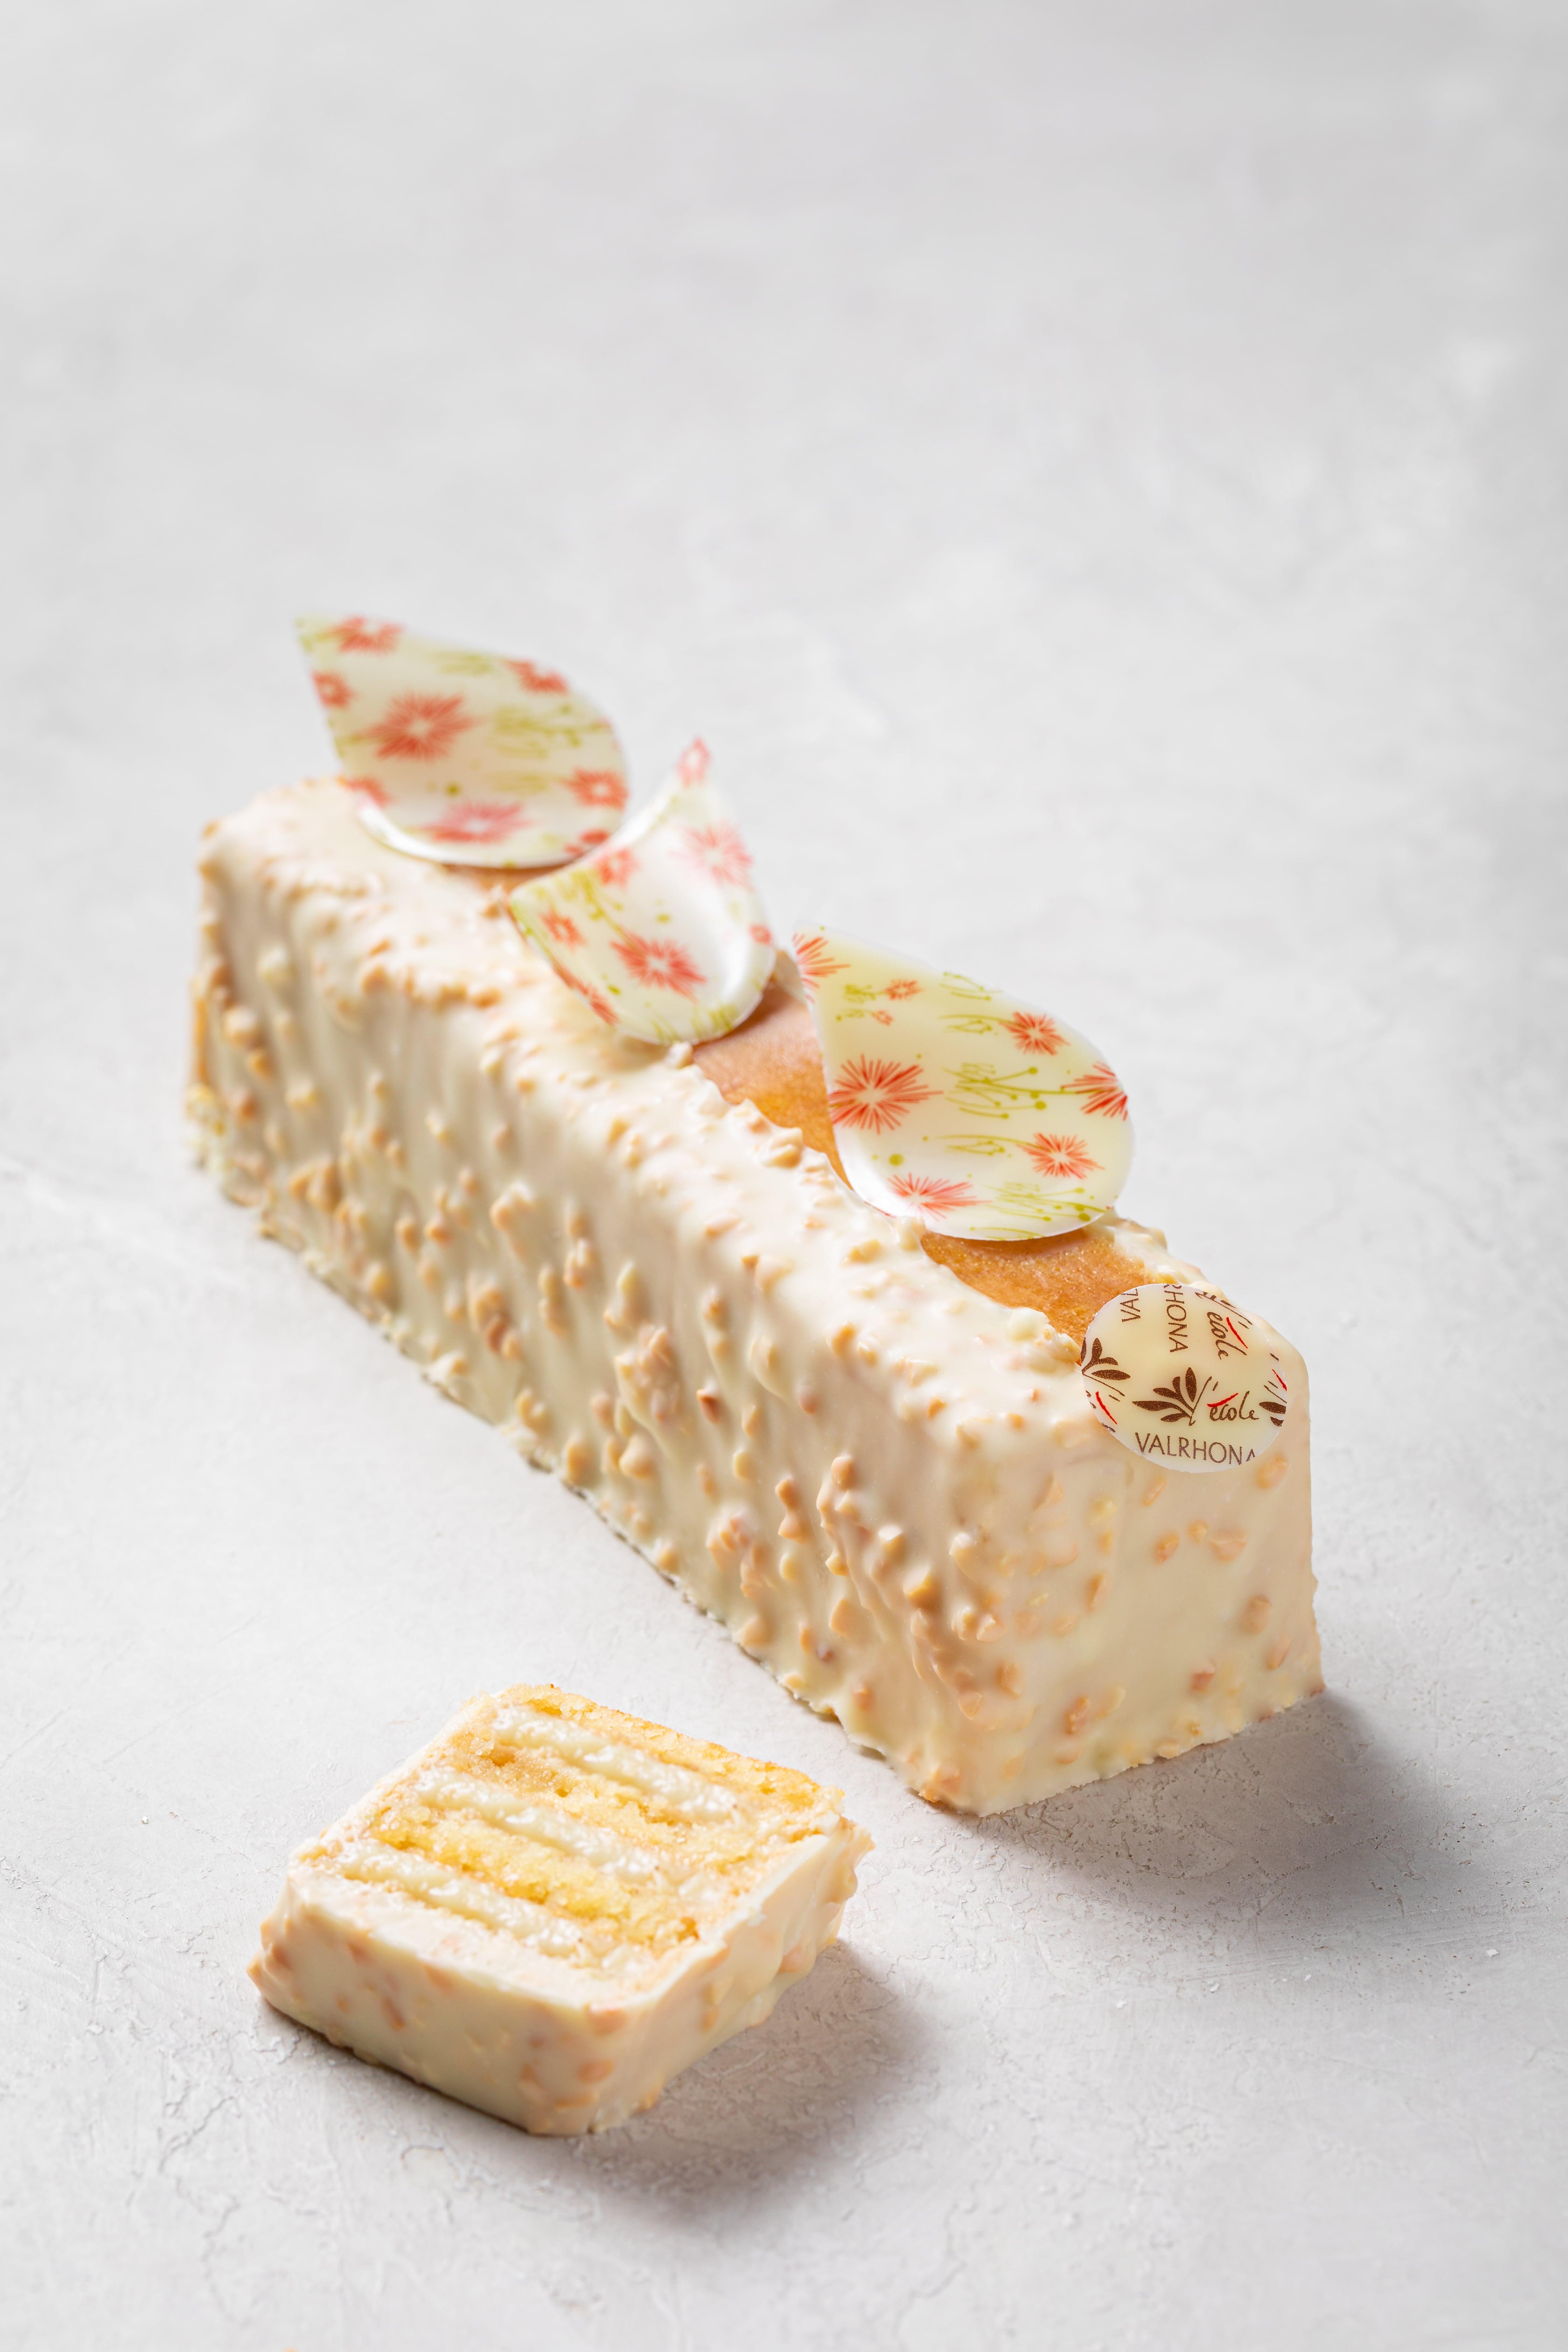 APP EXCLUSIVE RECIPE-YUZU TRAVEL CAKE